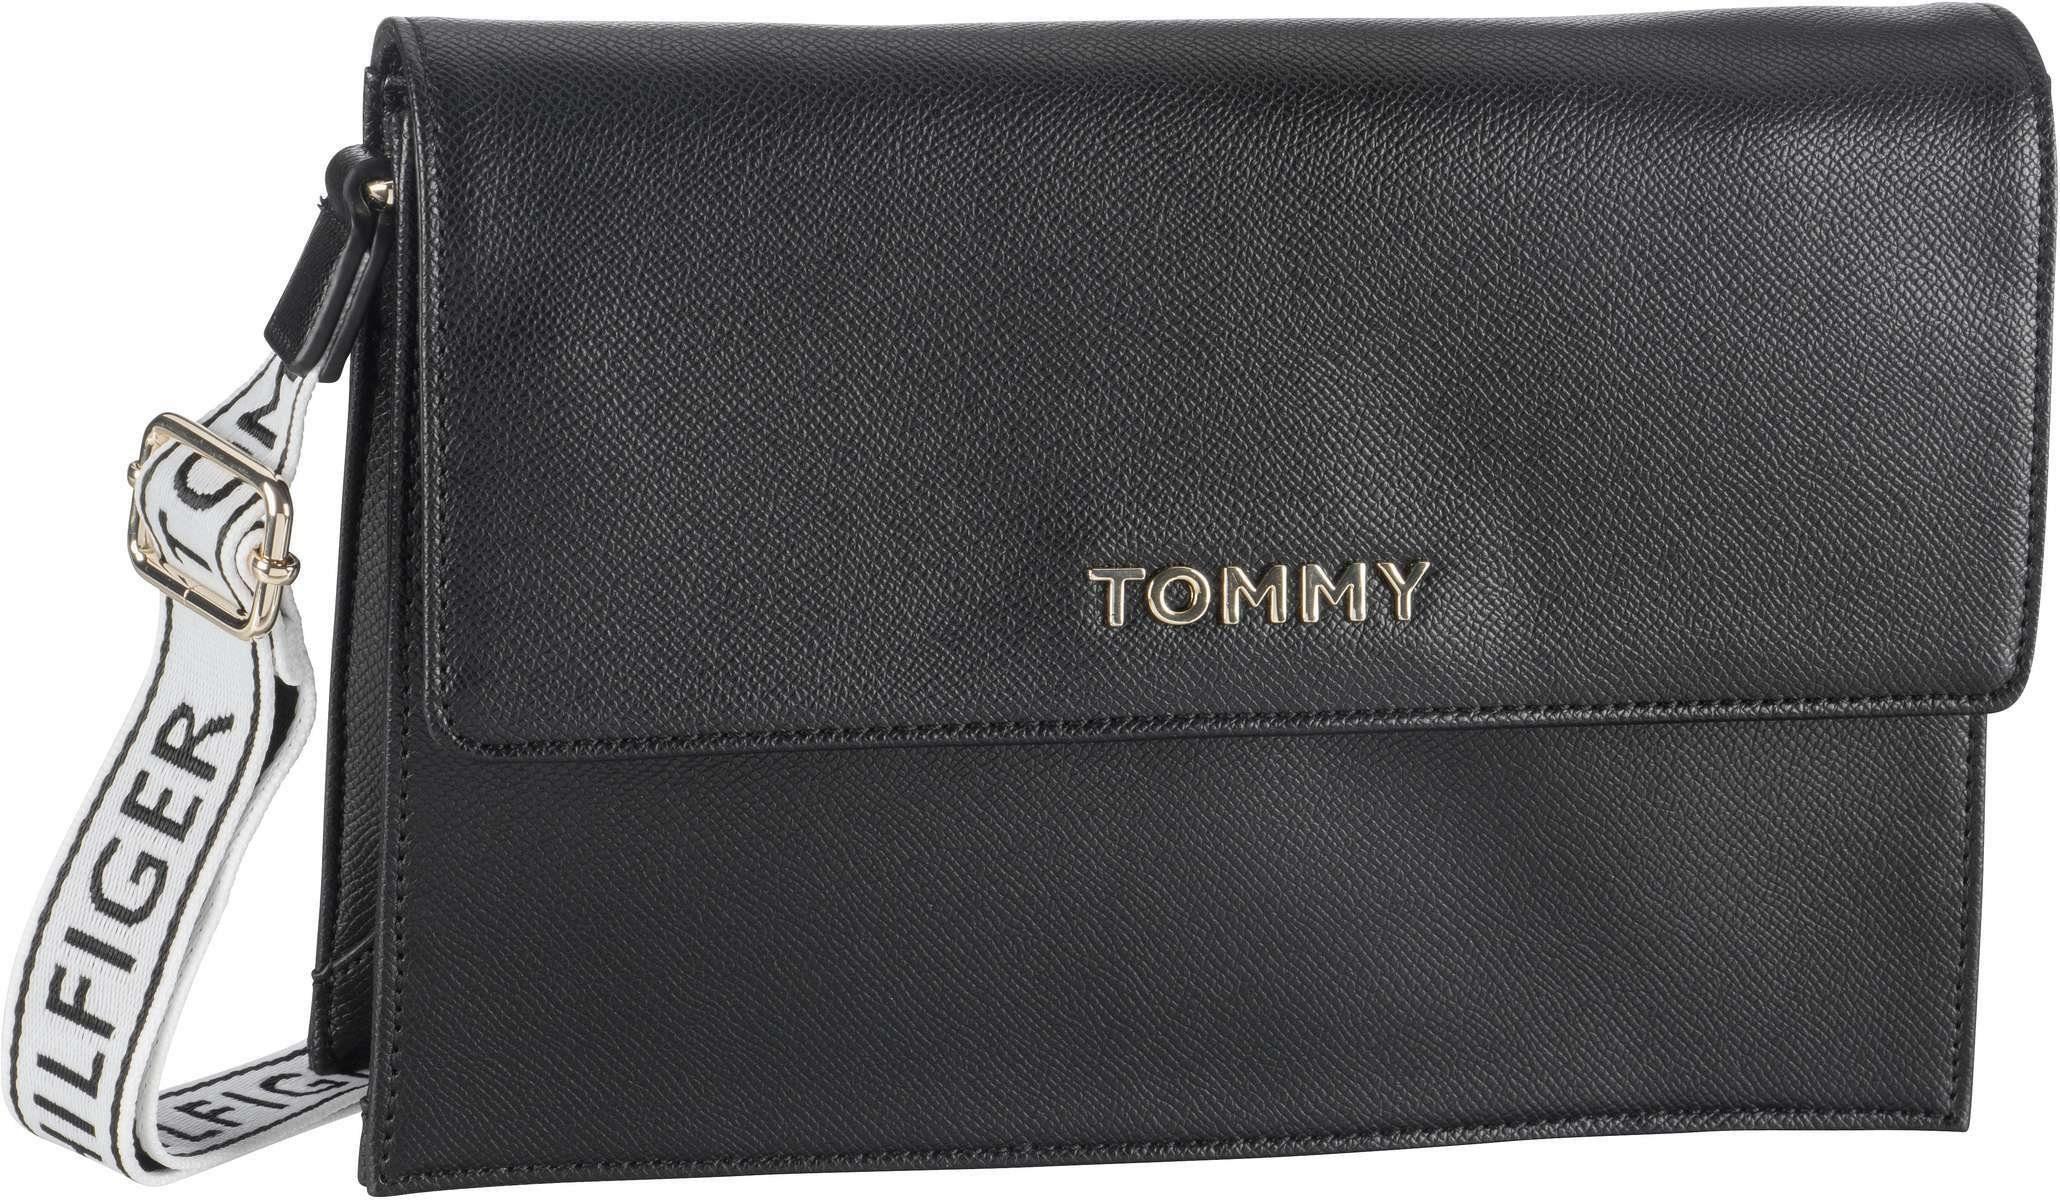 TOMMY HILFIGER Umhängetasche »Tommy Party Crossover PSP20« online kaufen | OTTO